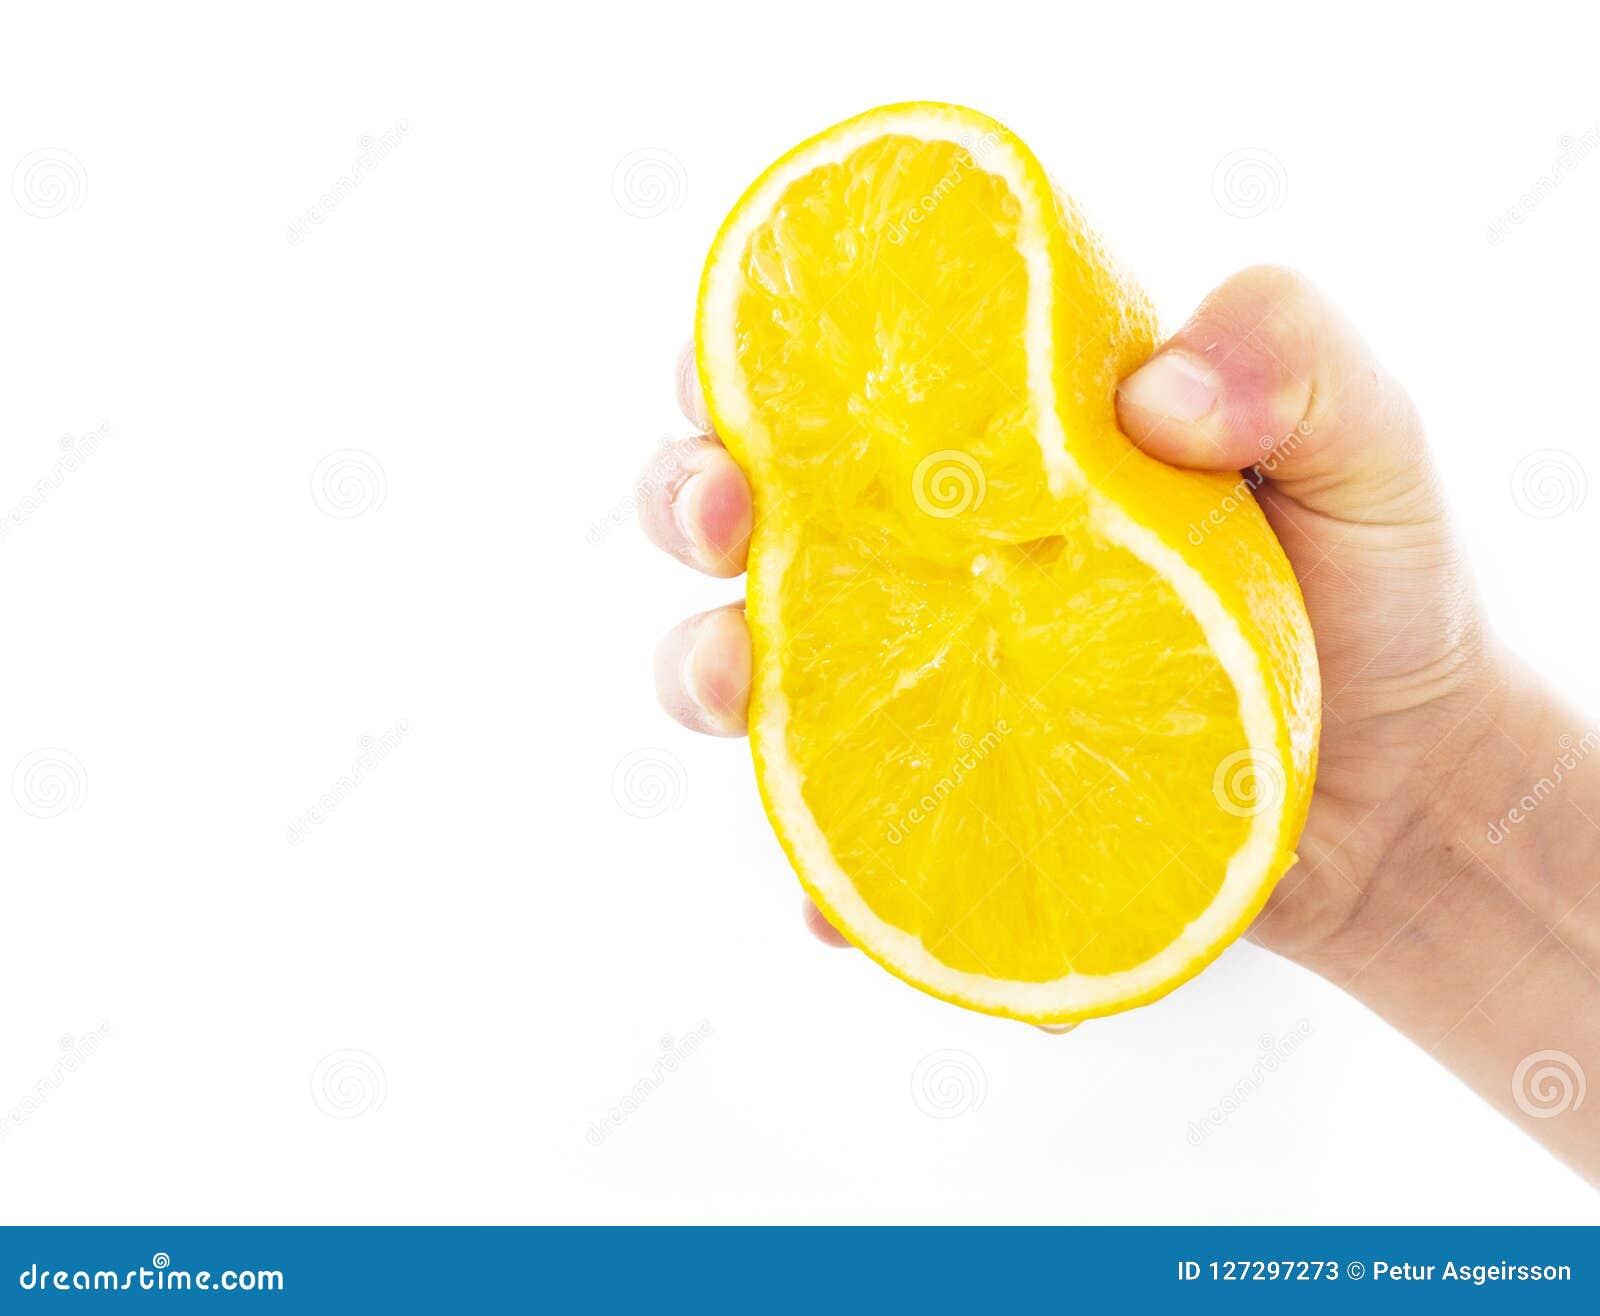 Pressa apelsinen som isoleras på en vit bakgrund